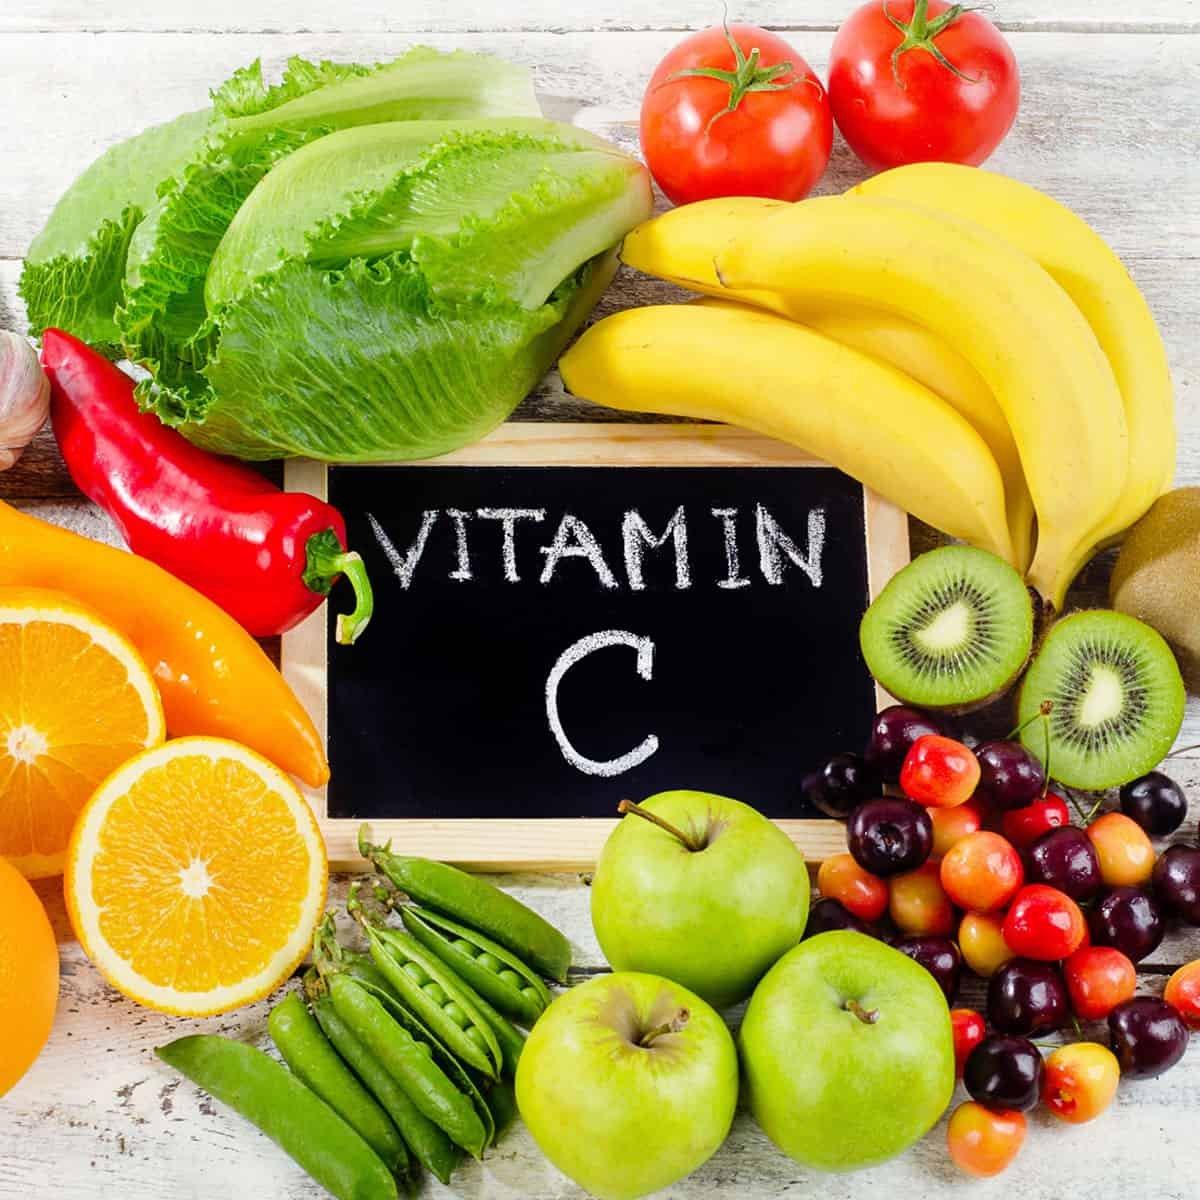 Таны идэж буй хоол хүнс наснаас тань залуу, эрүүл саруул харагдуулах боломжтой